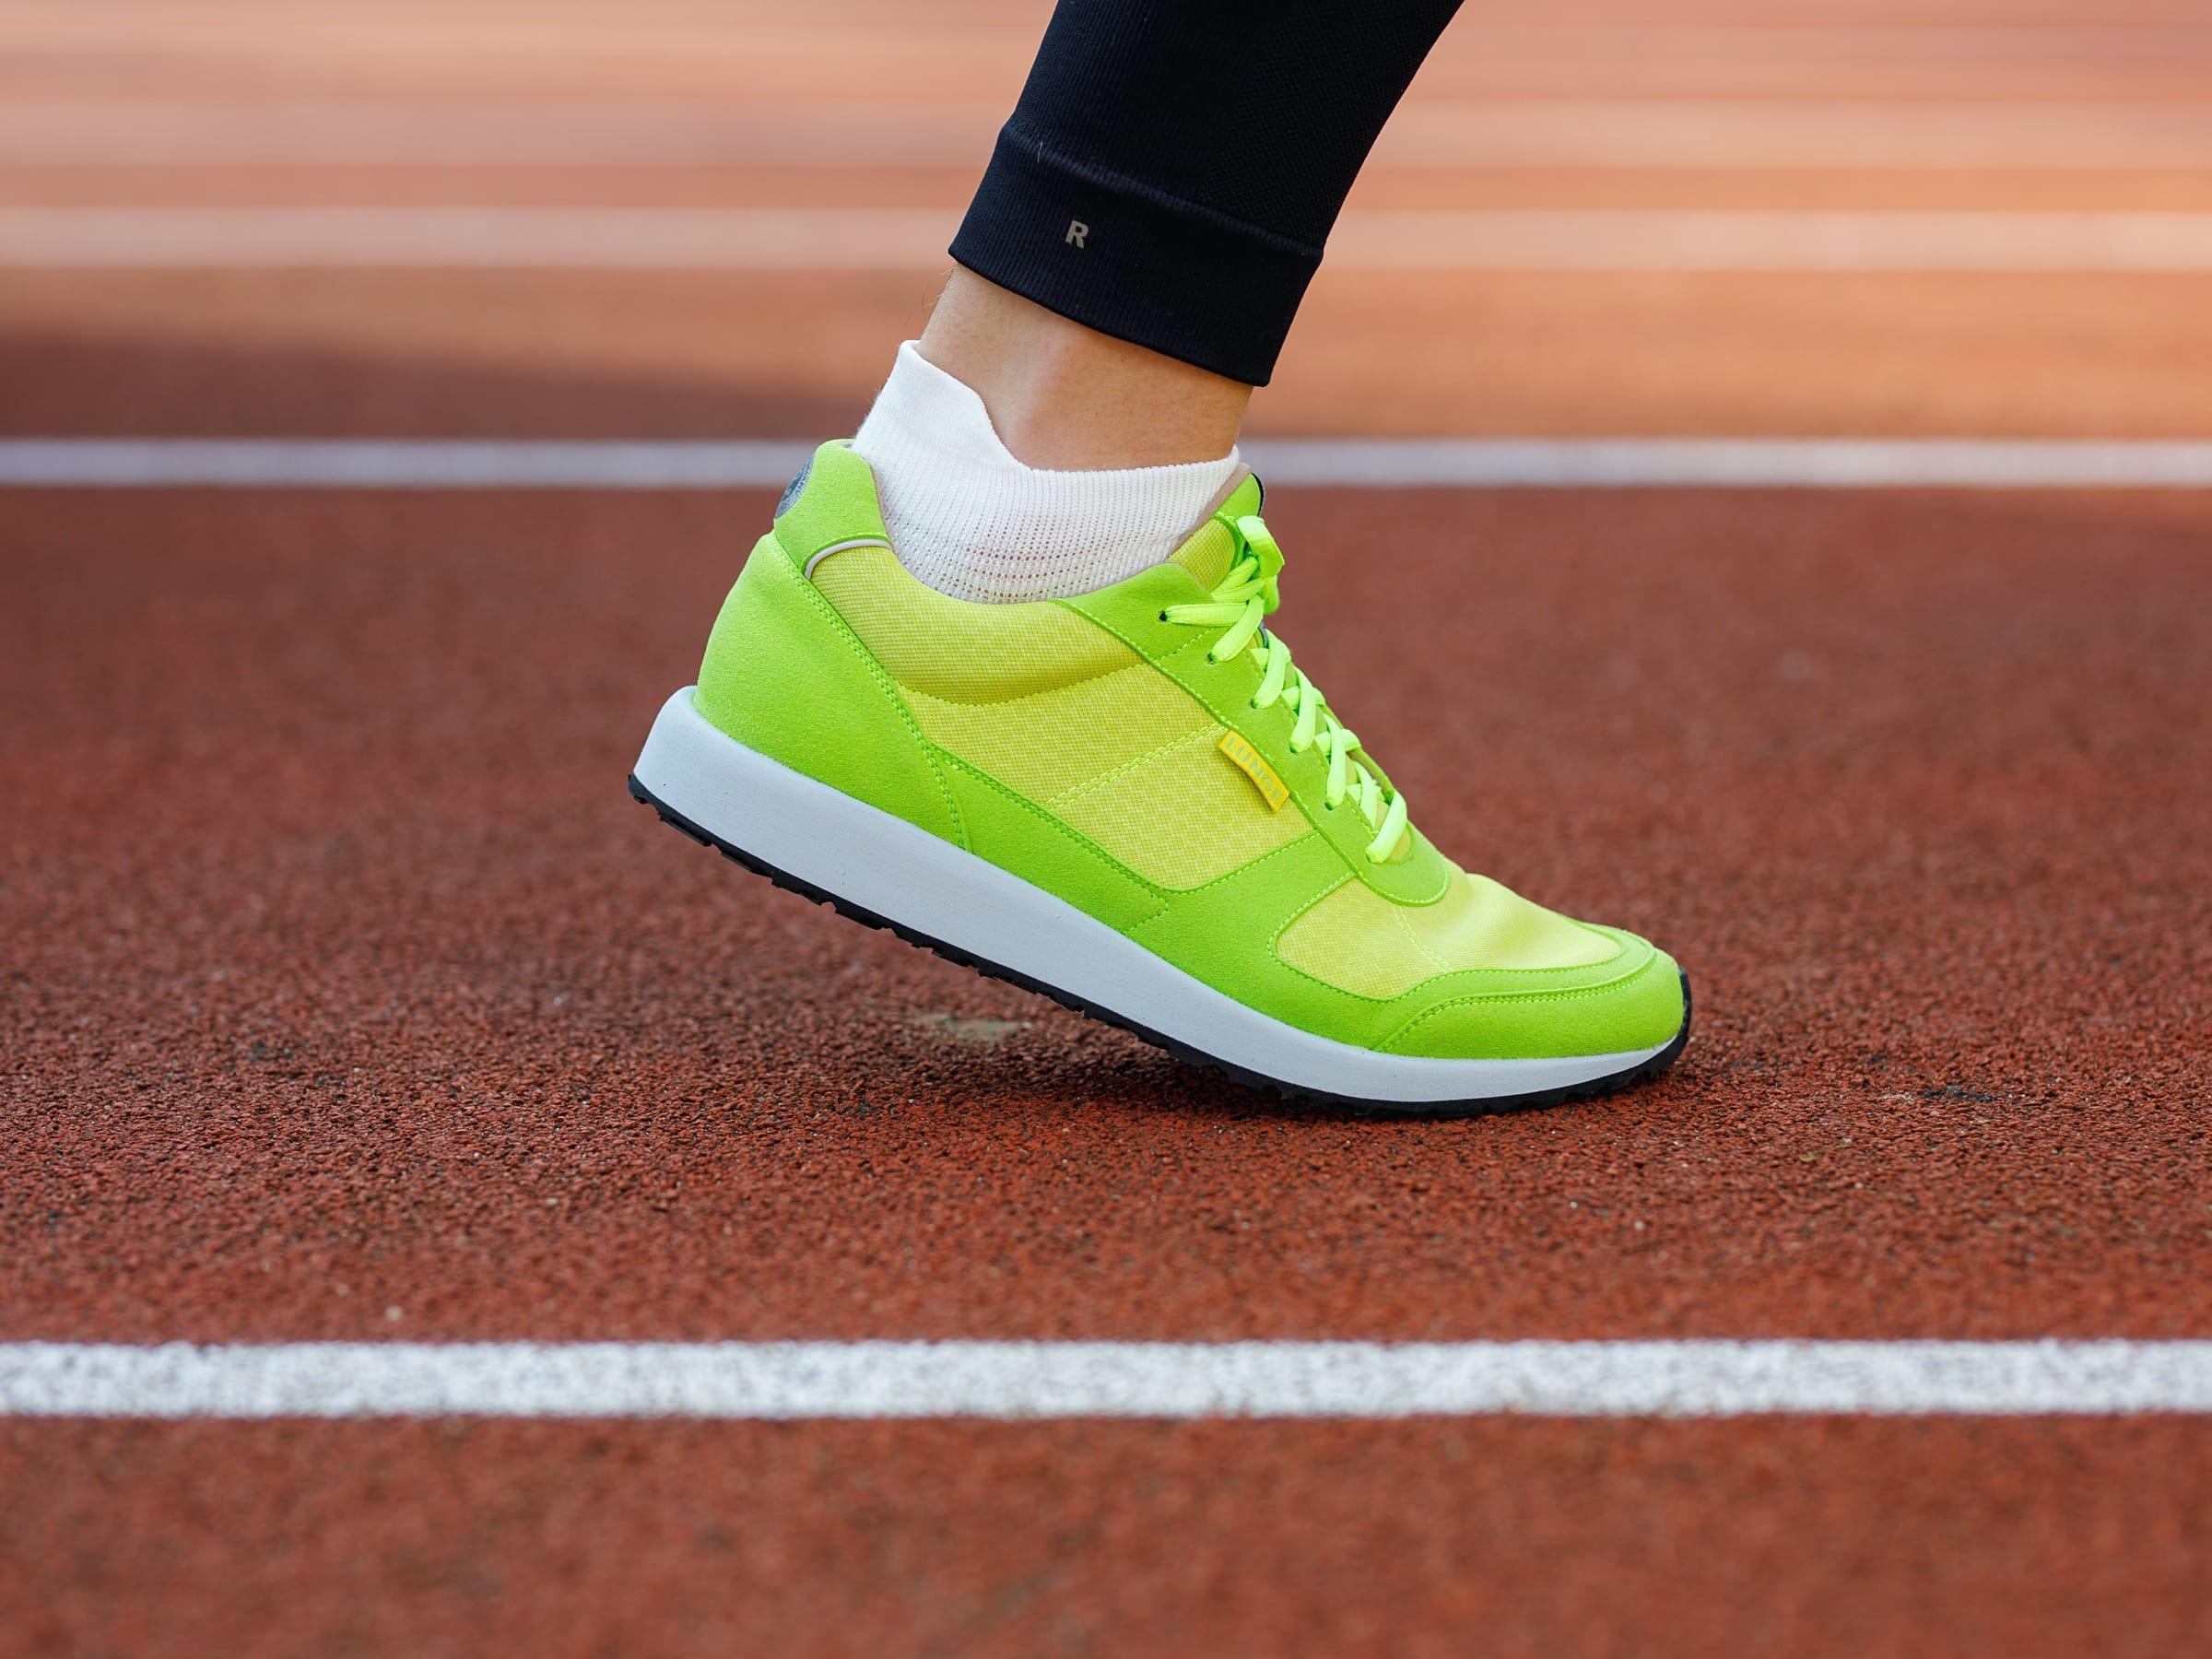 Classic Run in Yellow/Lawn Green/Light Gray